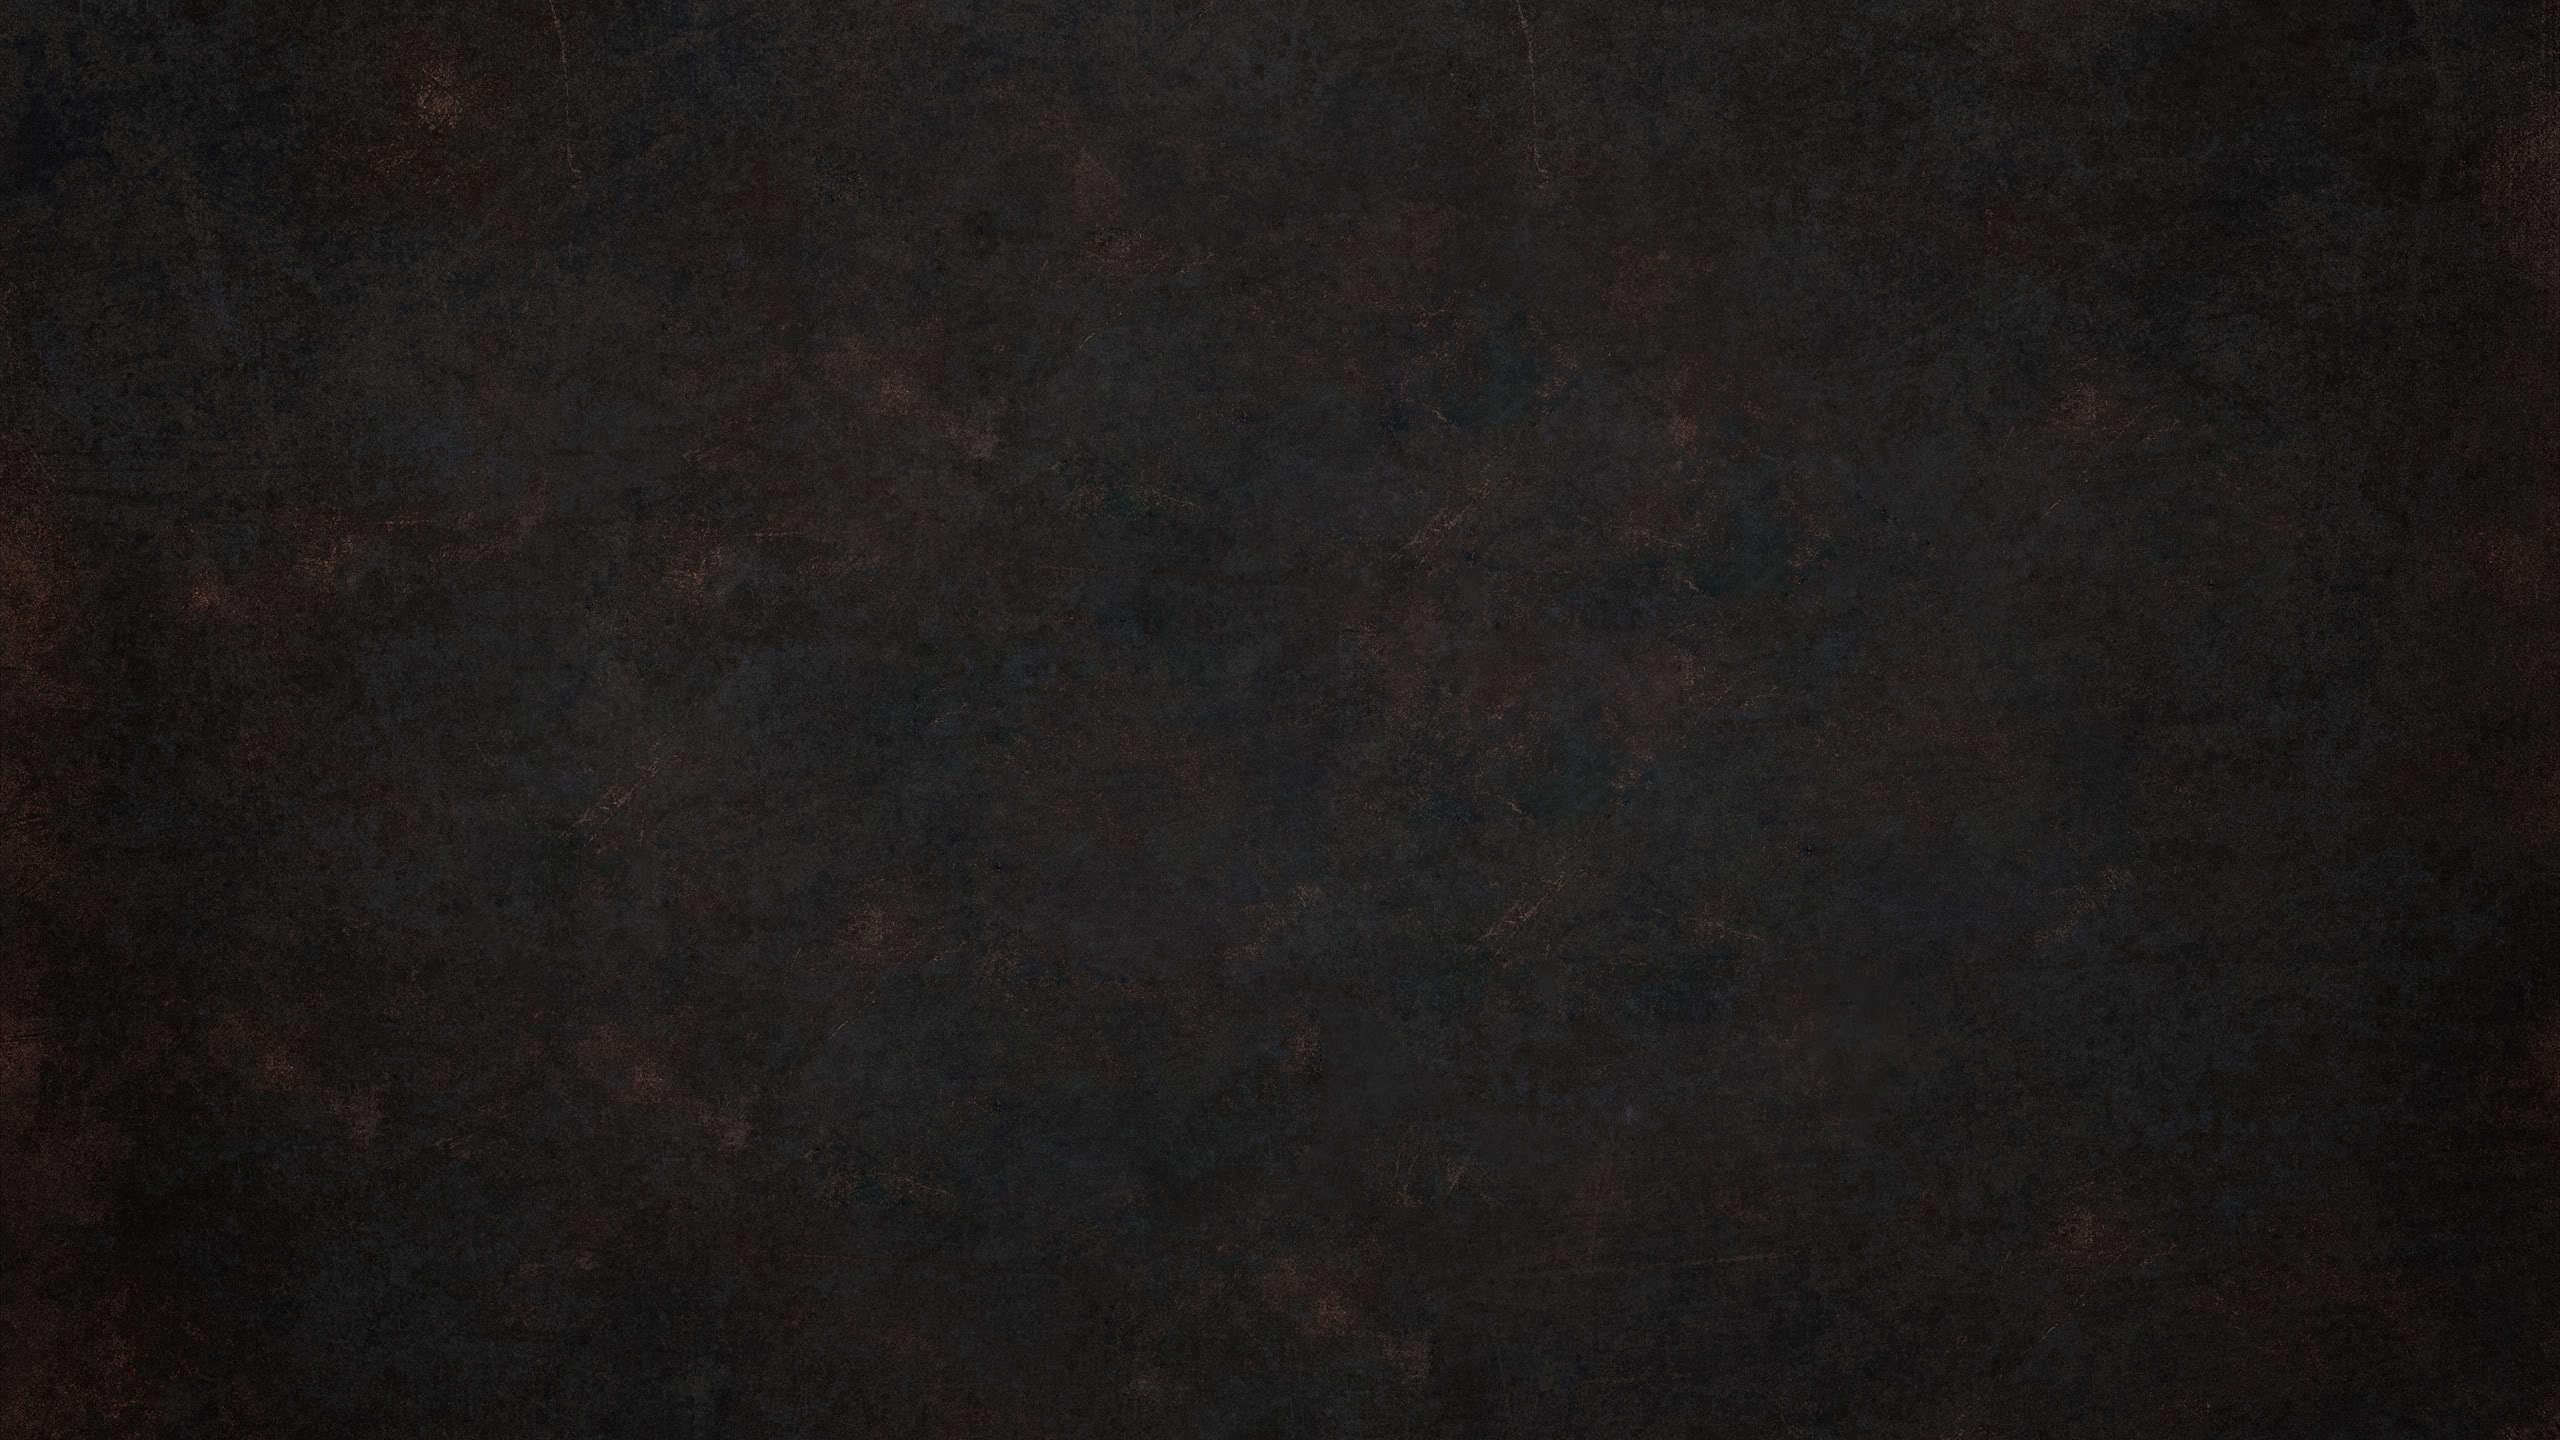 Wallpaper grunge, surface, dark, background